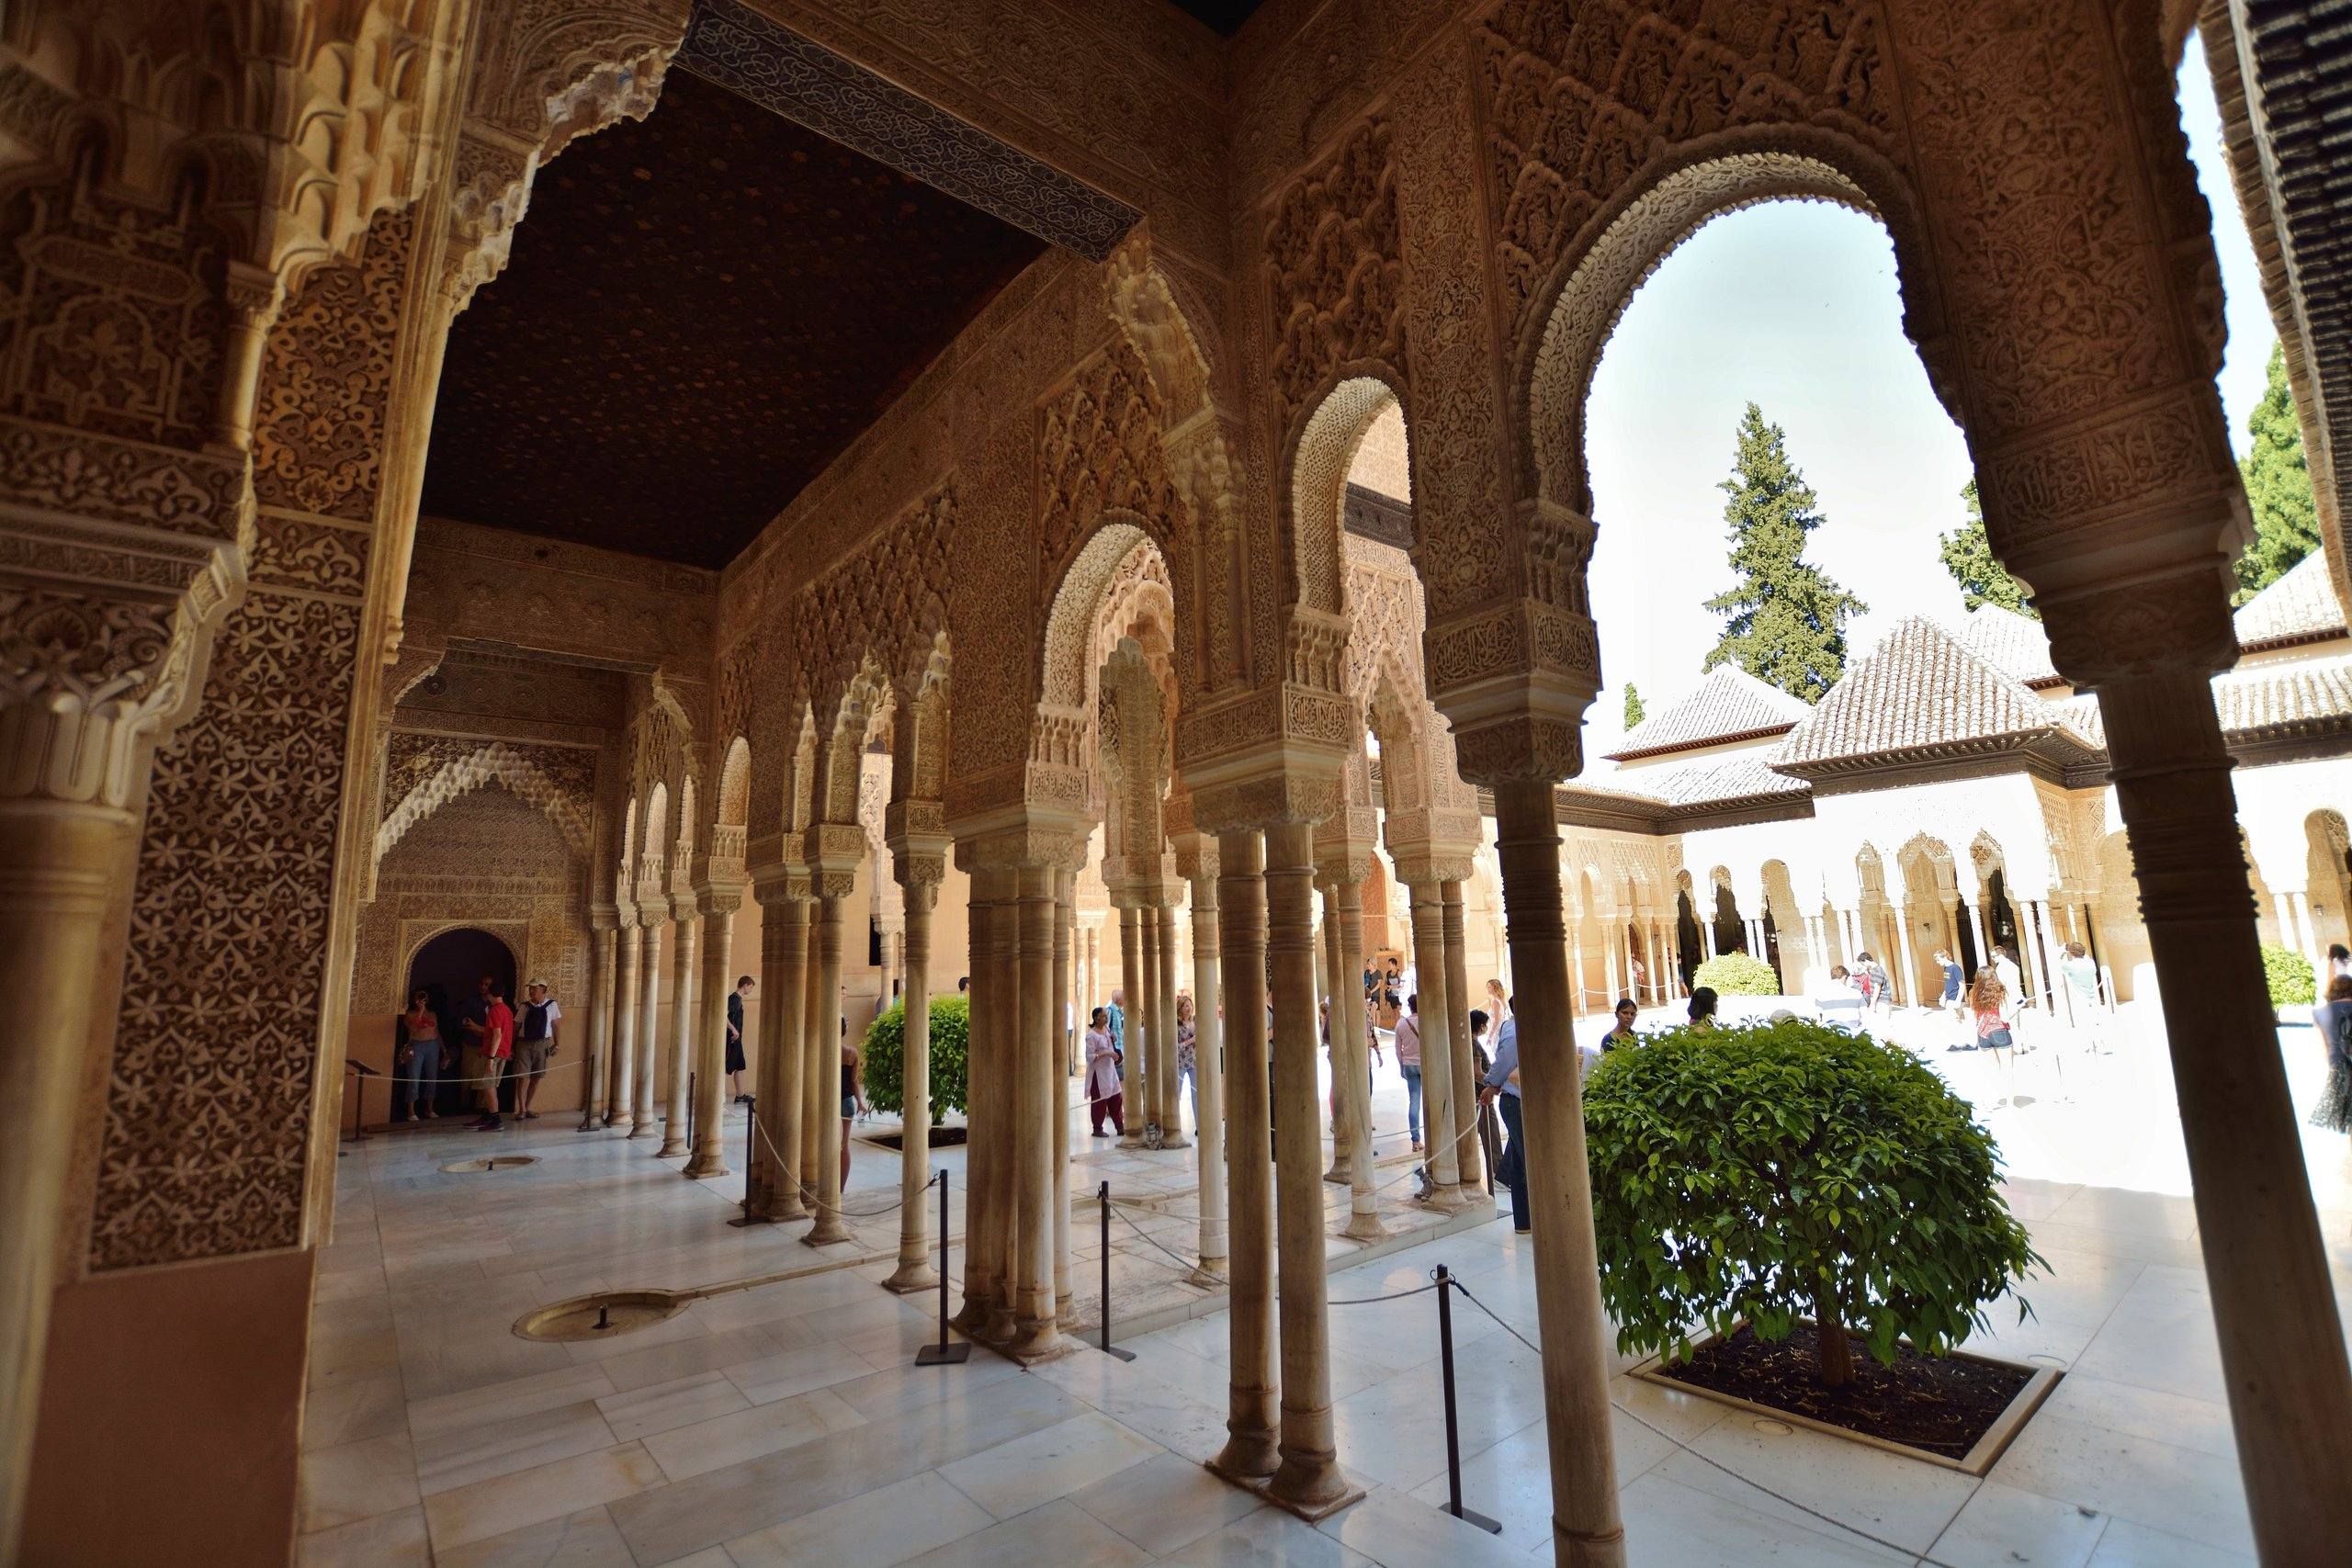 Langtidsferie i Sydspanien. Tag på udflugt til Alhambra